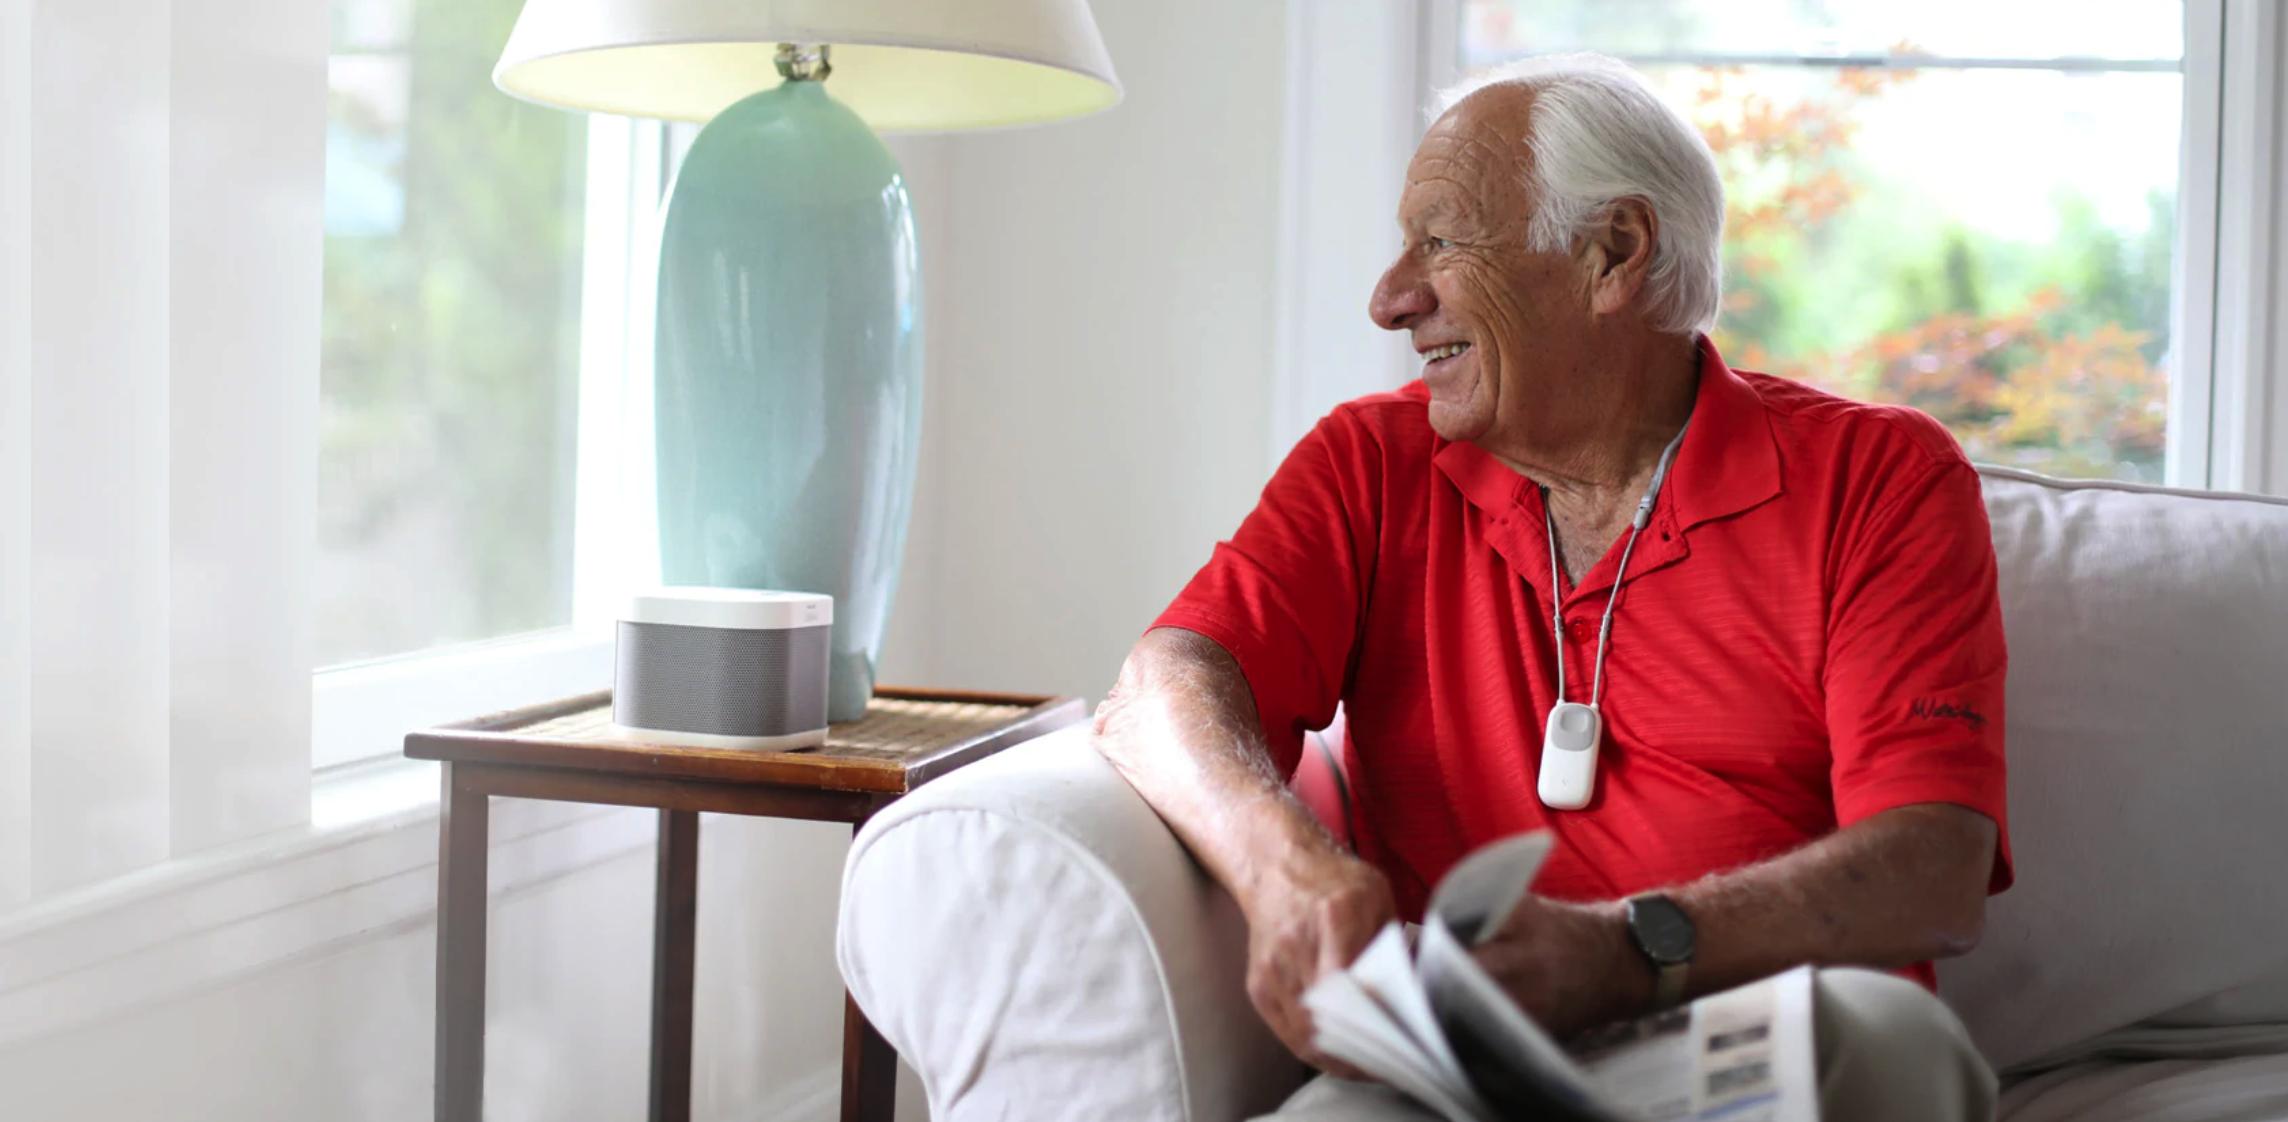 Building-Retirement-Homes-The-Senior-Home-as-a-Smart-Home-Fohlio-Design-Build-Software-cover-2